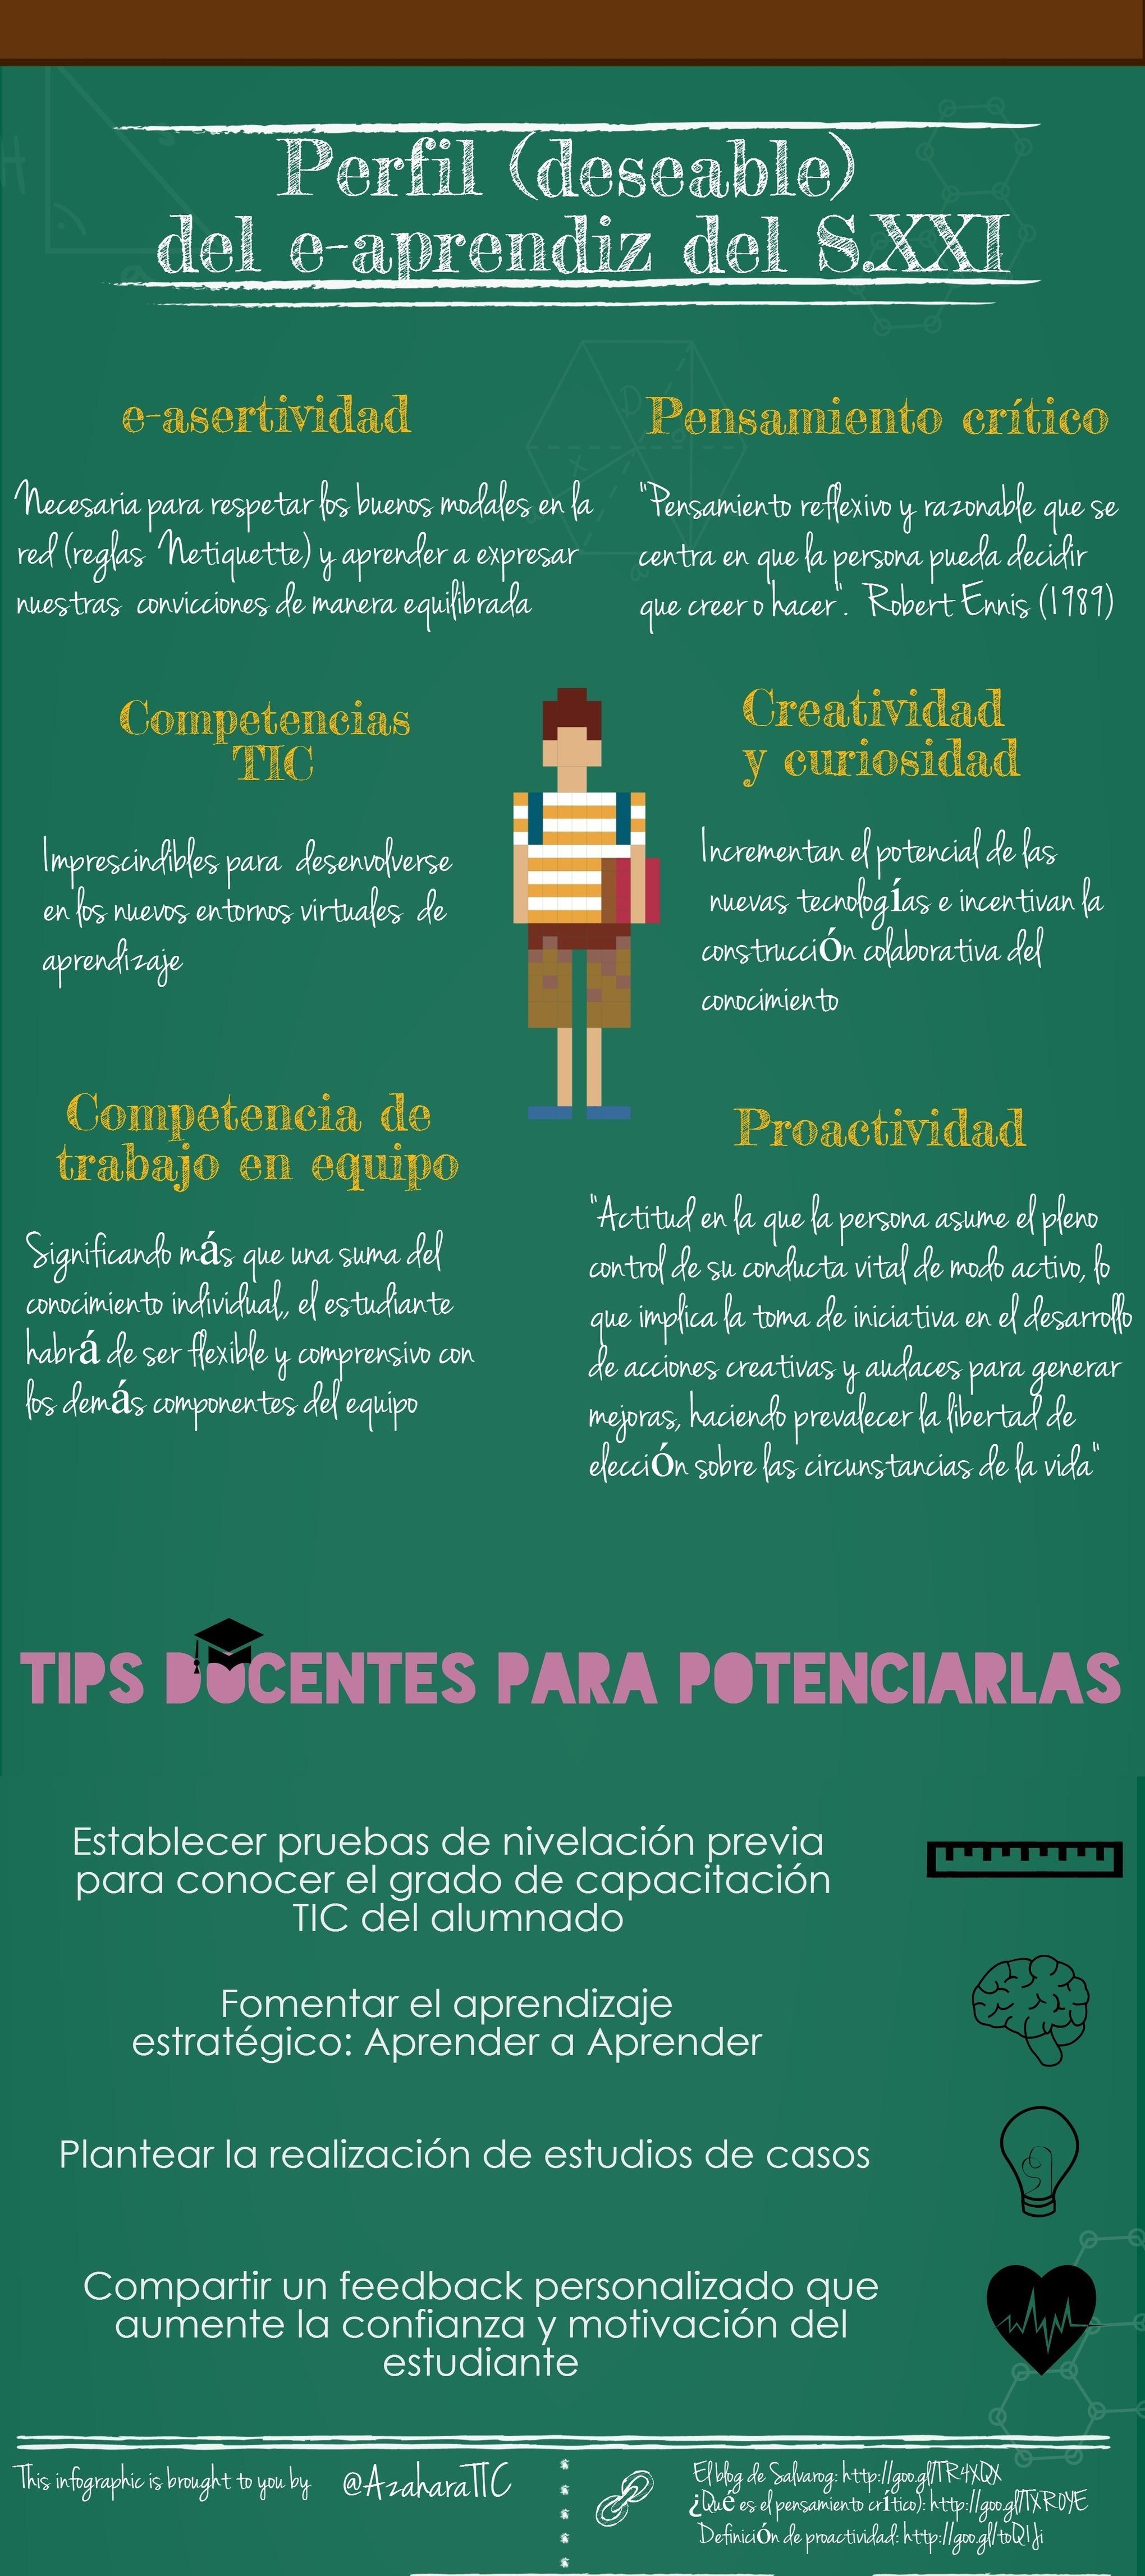 eProform - Portal de Encuentro para Profesionales y Entidades de Formación - Perfil (deseable) del e-Aprendiz del S.XXI